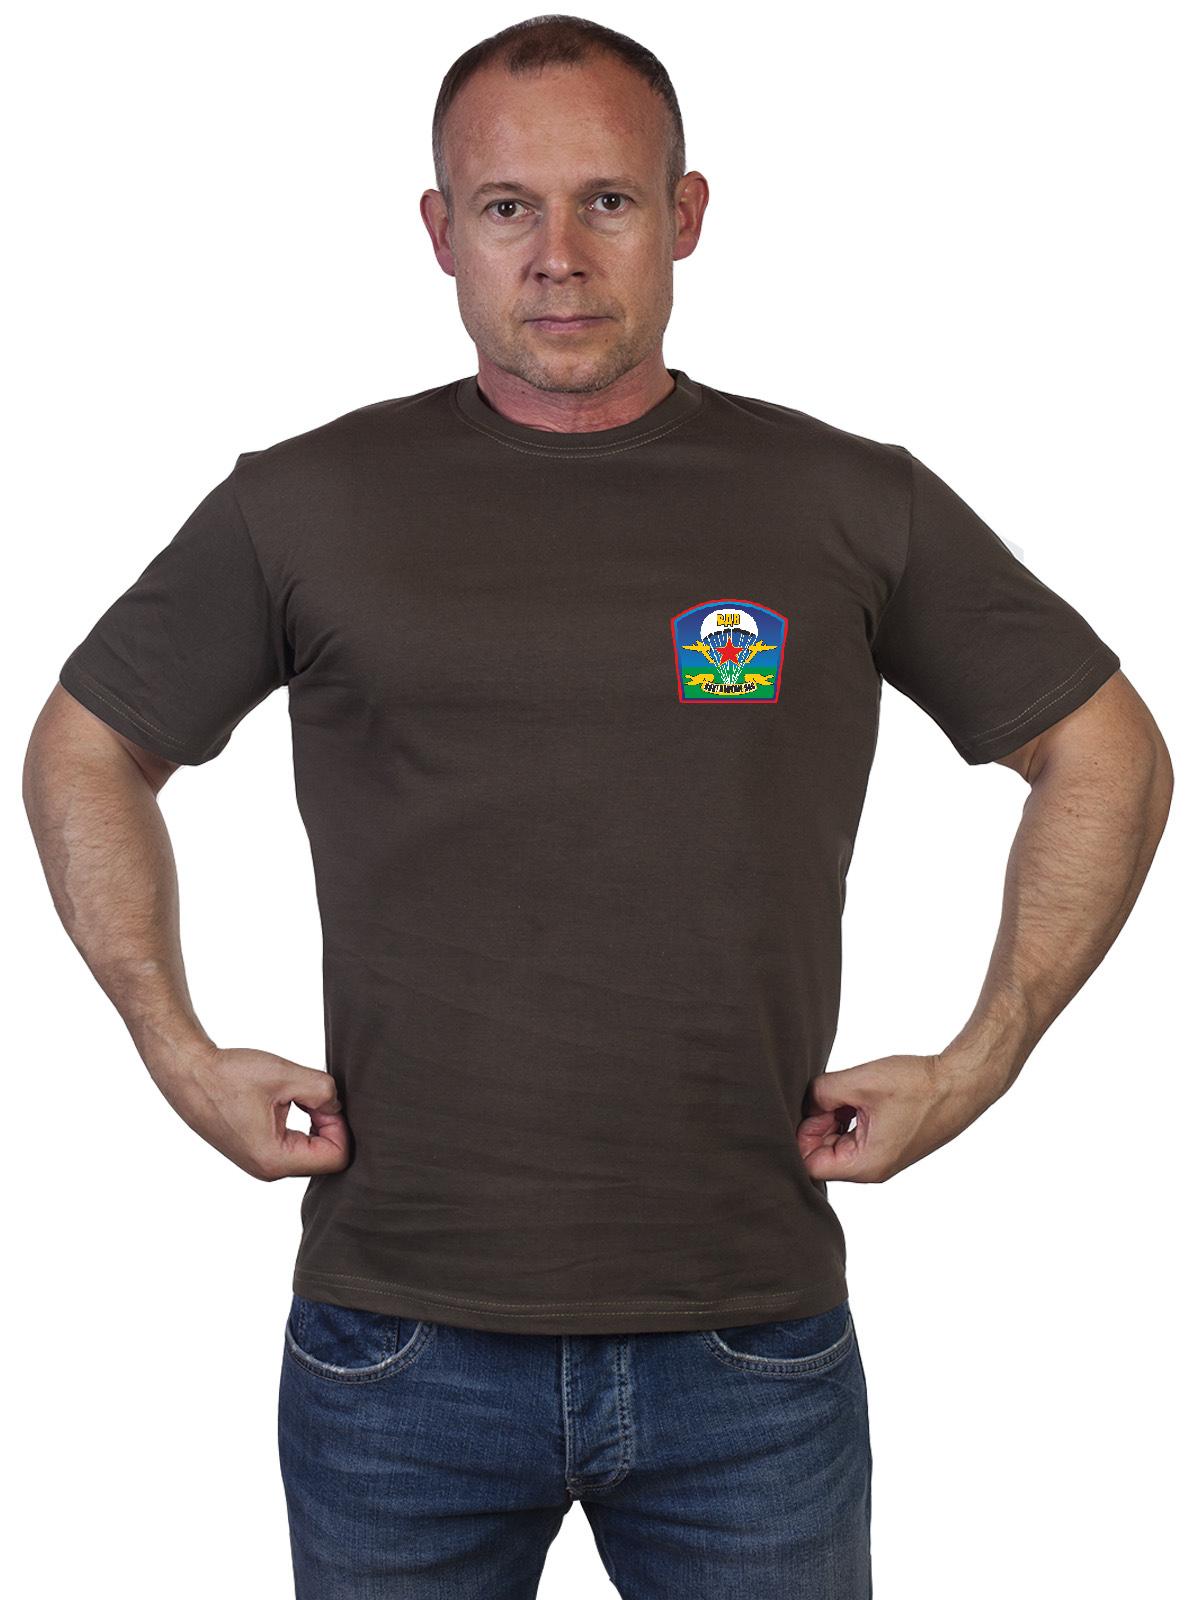 Купить футболку с символикой ВДВ недорого